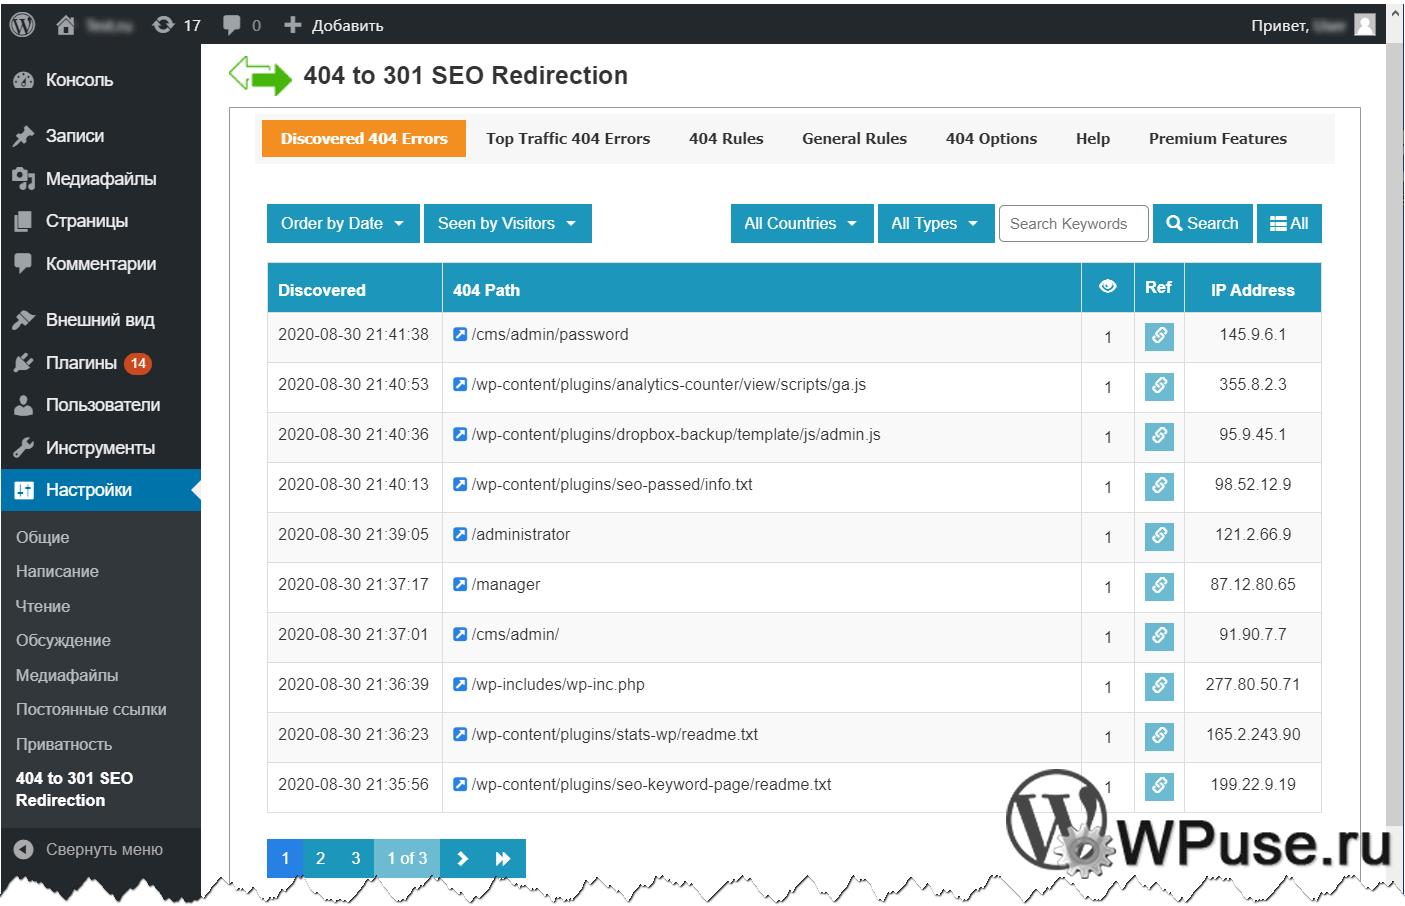 Плагин 404 Error Logger: боты в очередной раз пытались найти уязвимые файлы движка WordPress и плагинов для него